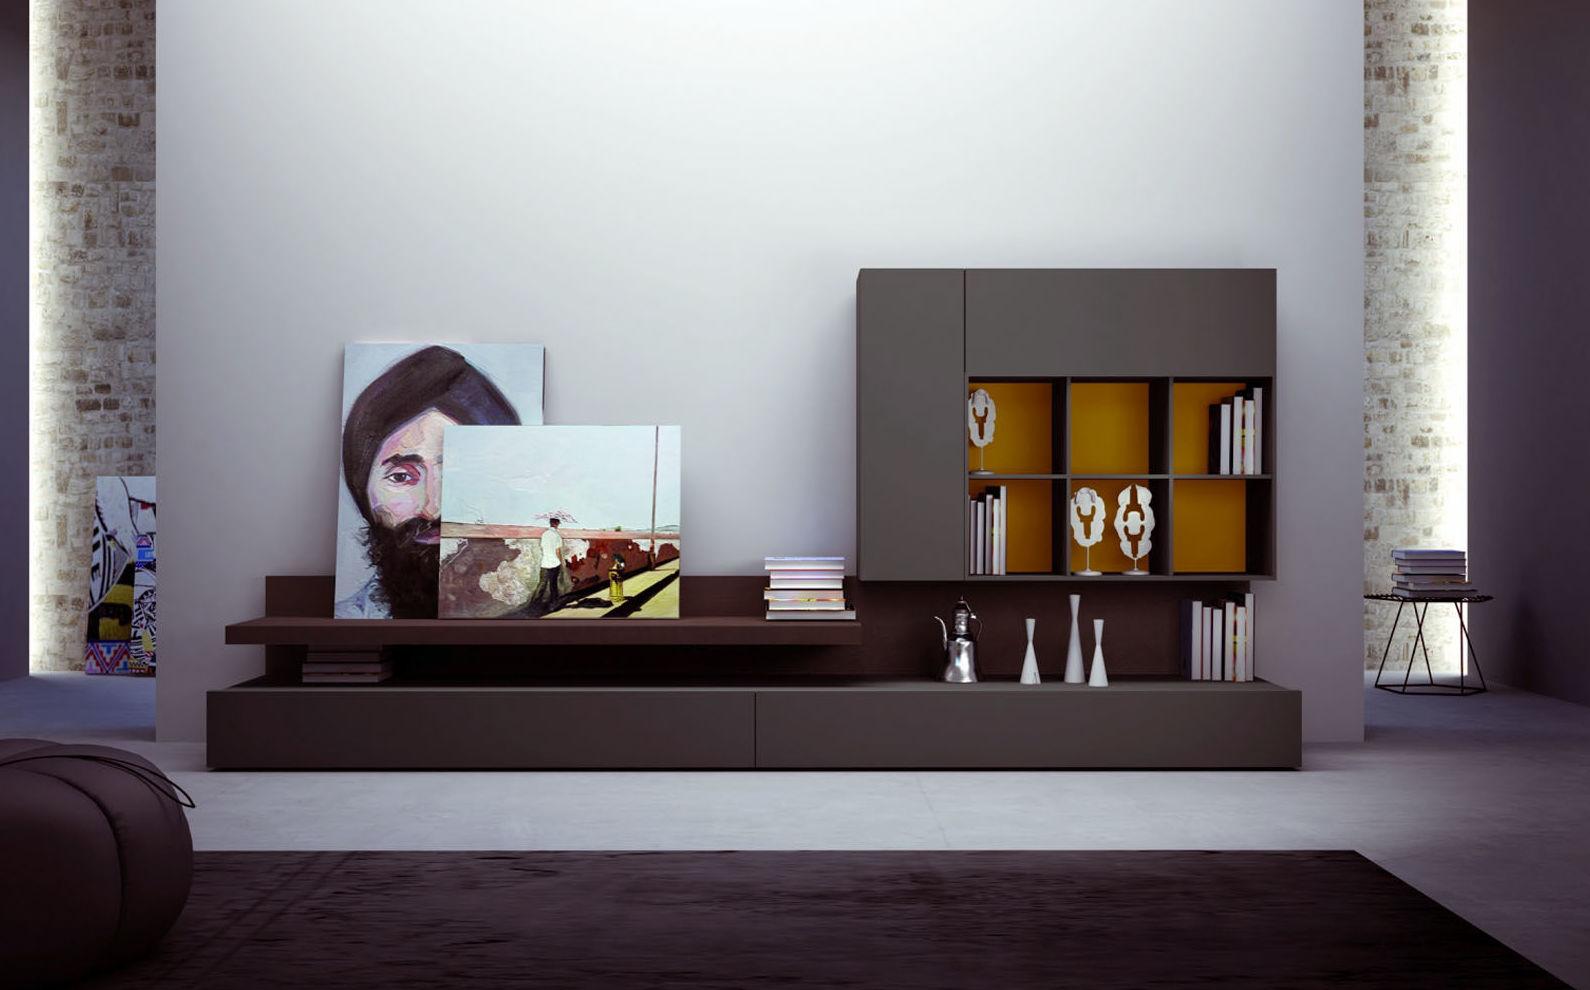 Muebles Librerias Salon Dise Os Arquitect Nicos Mimasku Com # Muebles Tuco Zaragoza